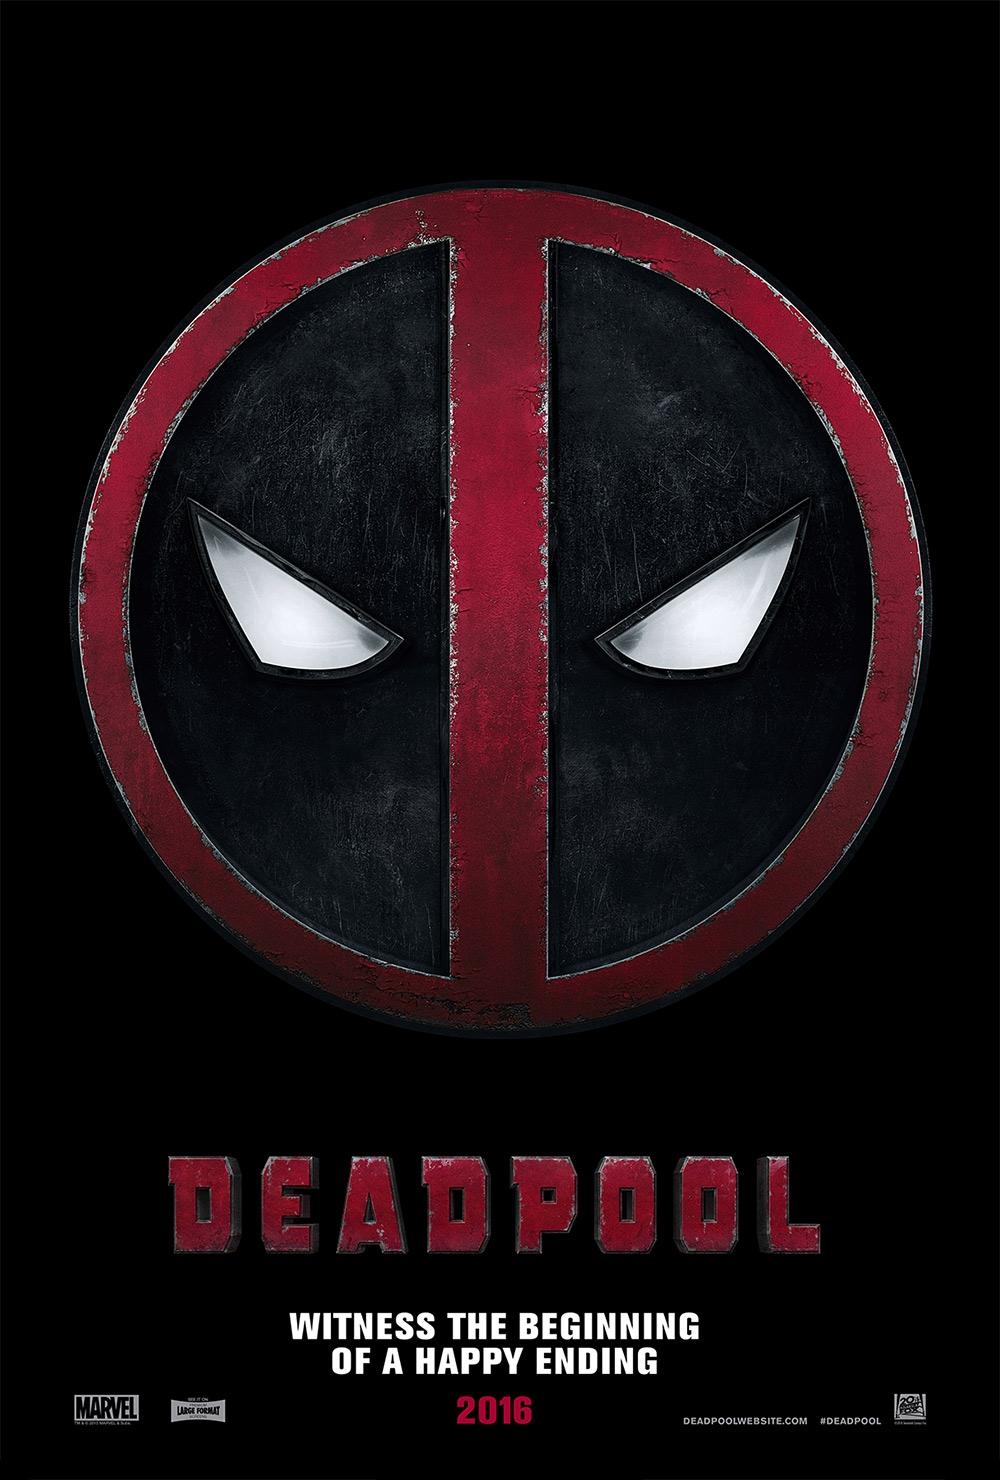 """Poster for """"Deadpool"""""""